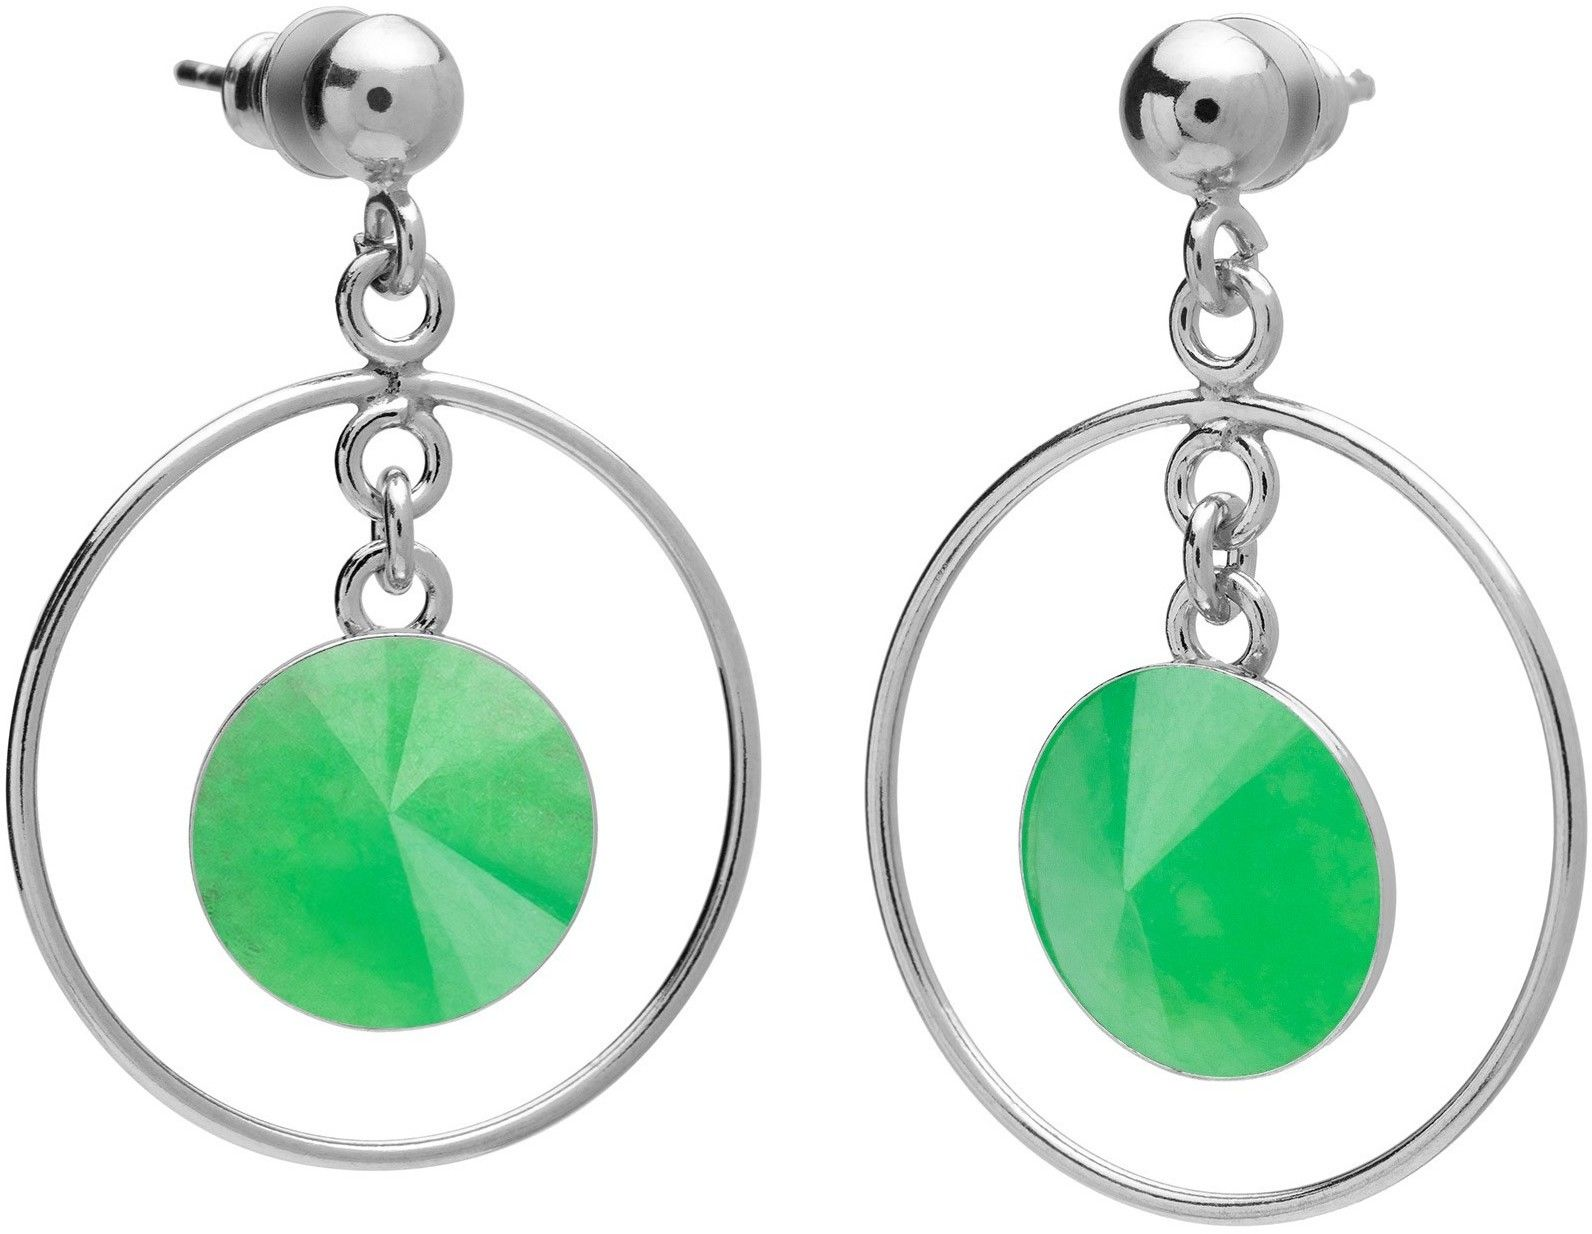 Okrągłe kolczyki z naturalnym kamieniem, chryzopraz, srebro 925 : Kamienie naturalne - kolor - chryzopraz zielony ciemny, Srebro - kolor pokrycia - Pokrycie platyną